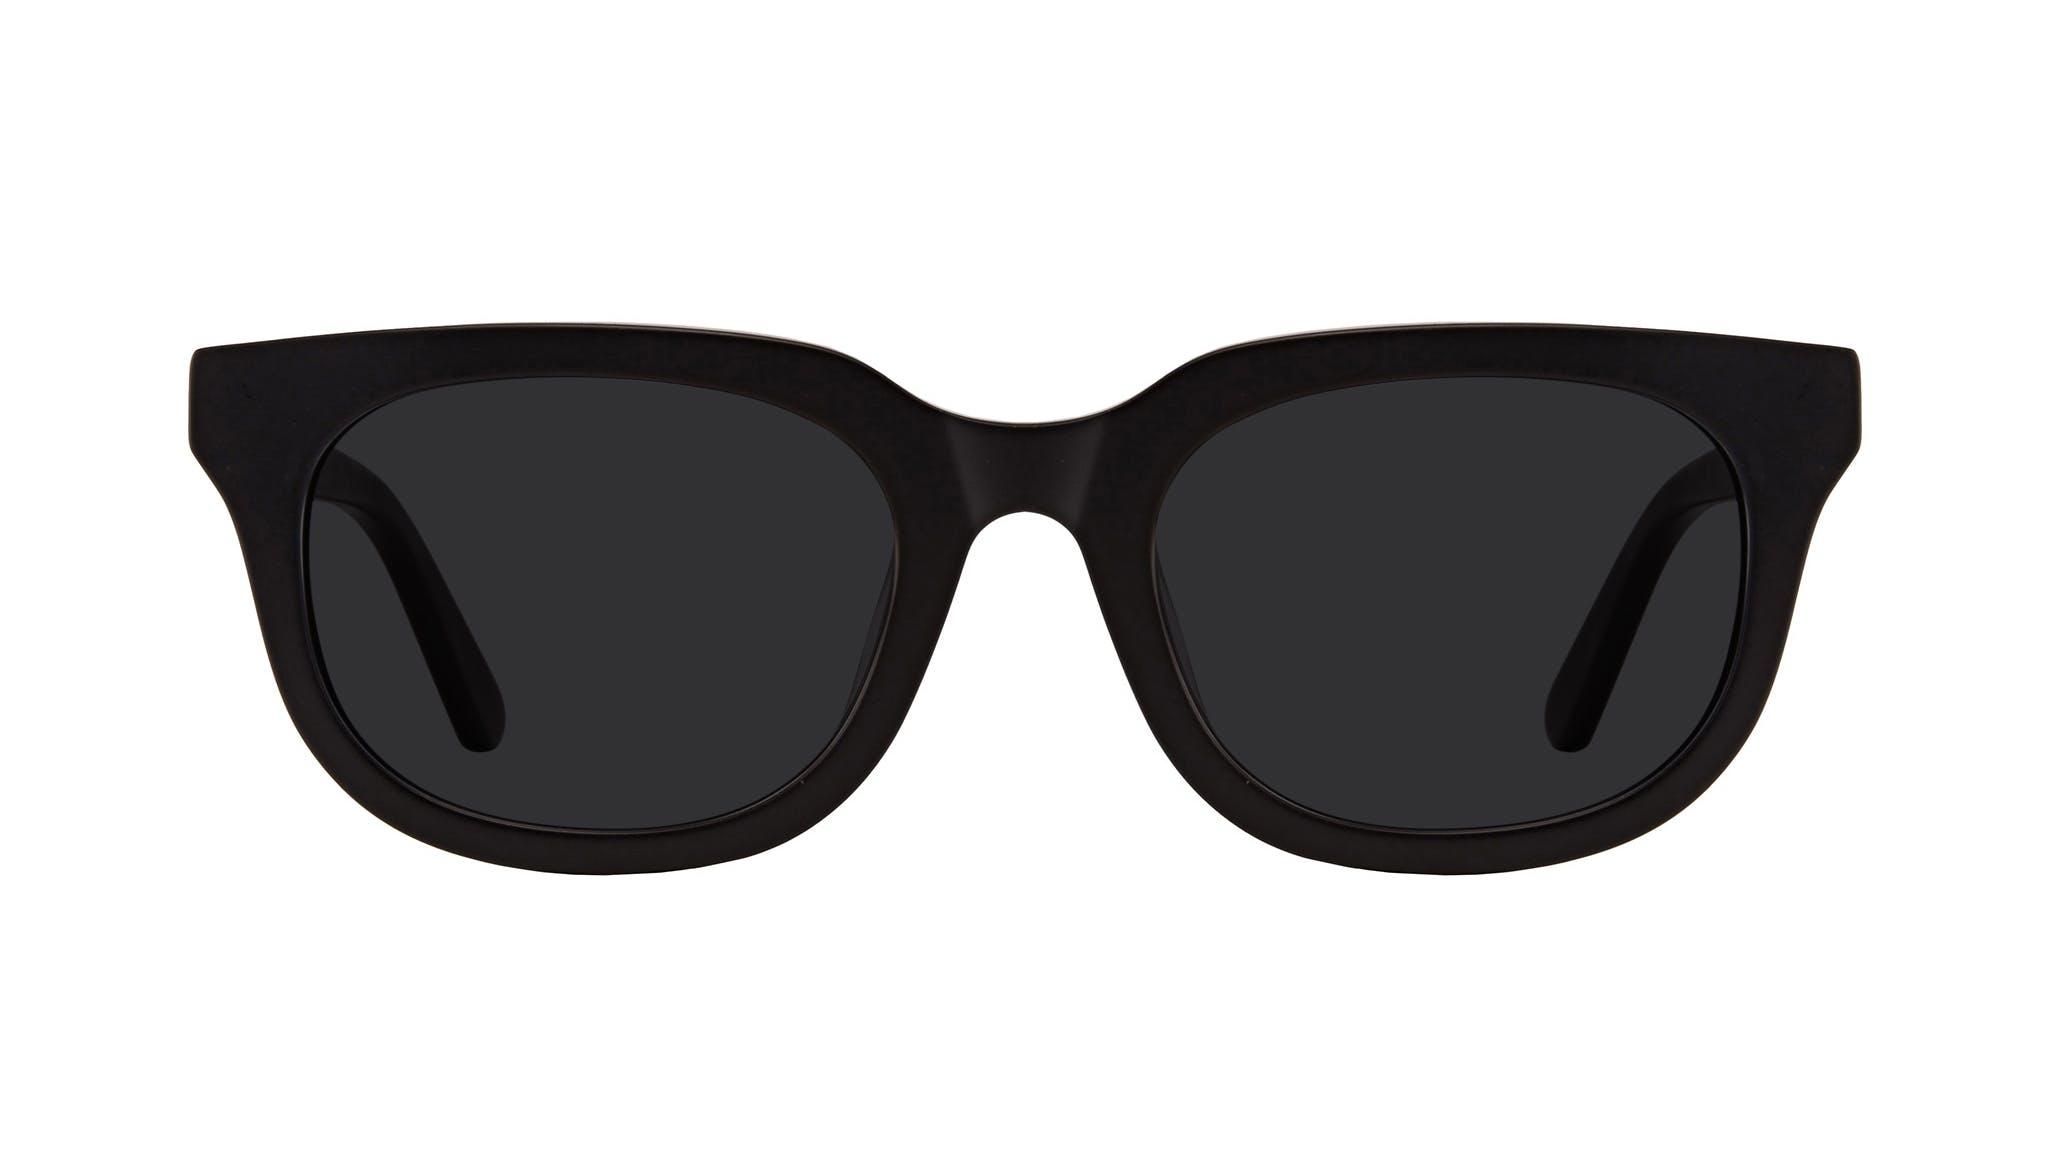 Lunettes tendance Carrée Lunettes de soleil Hommes Stout Matte Black Face